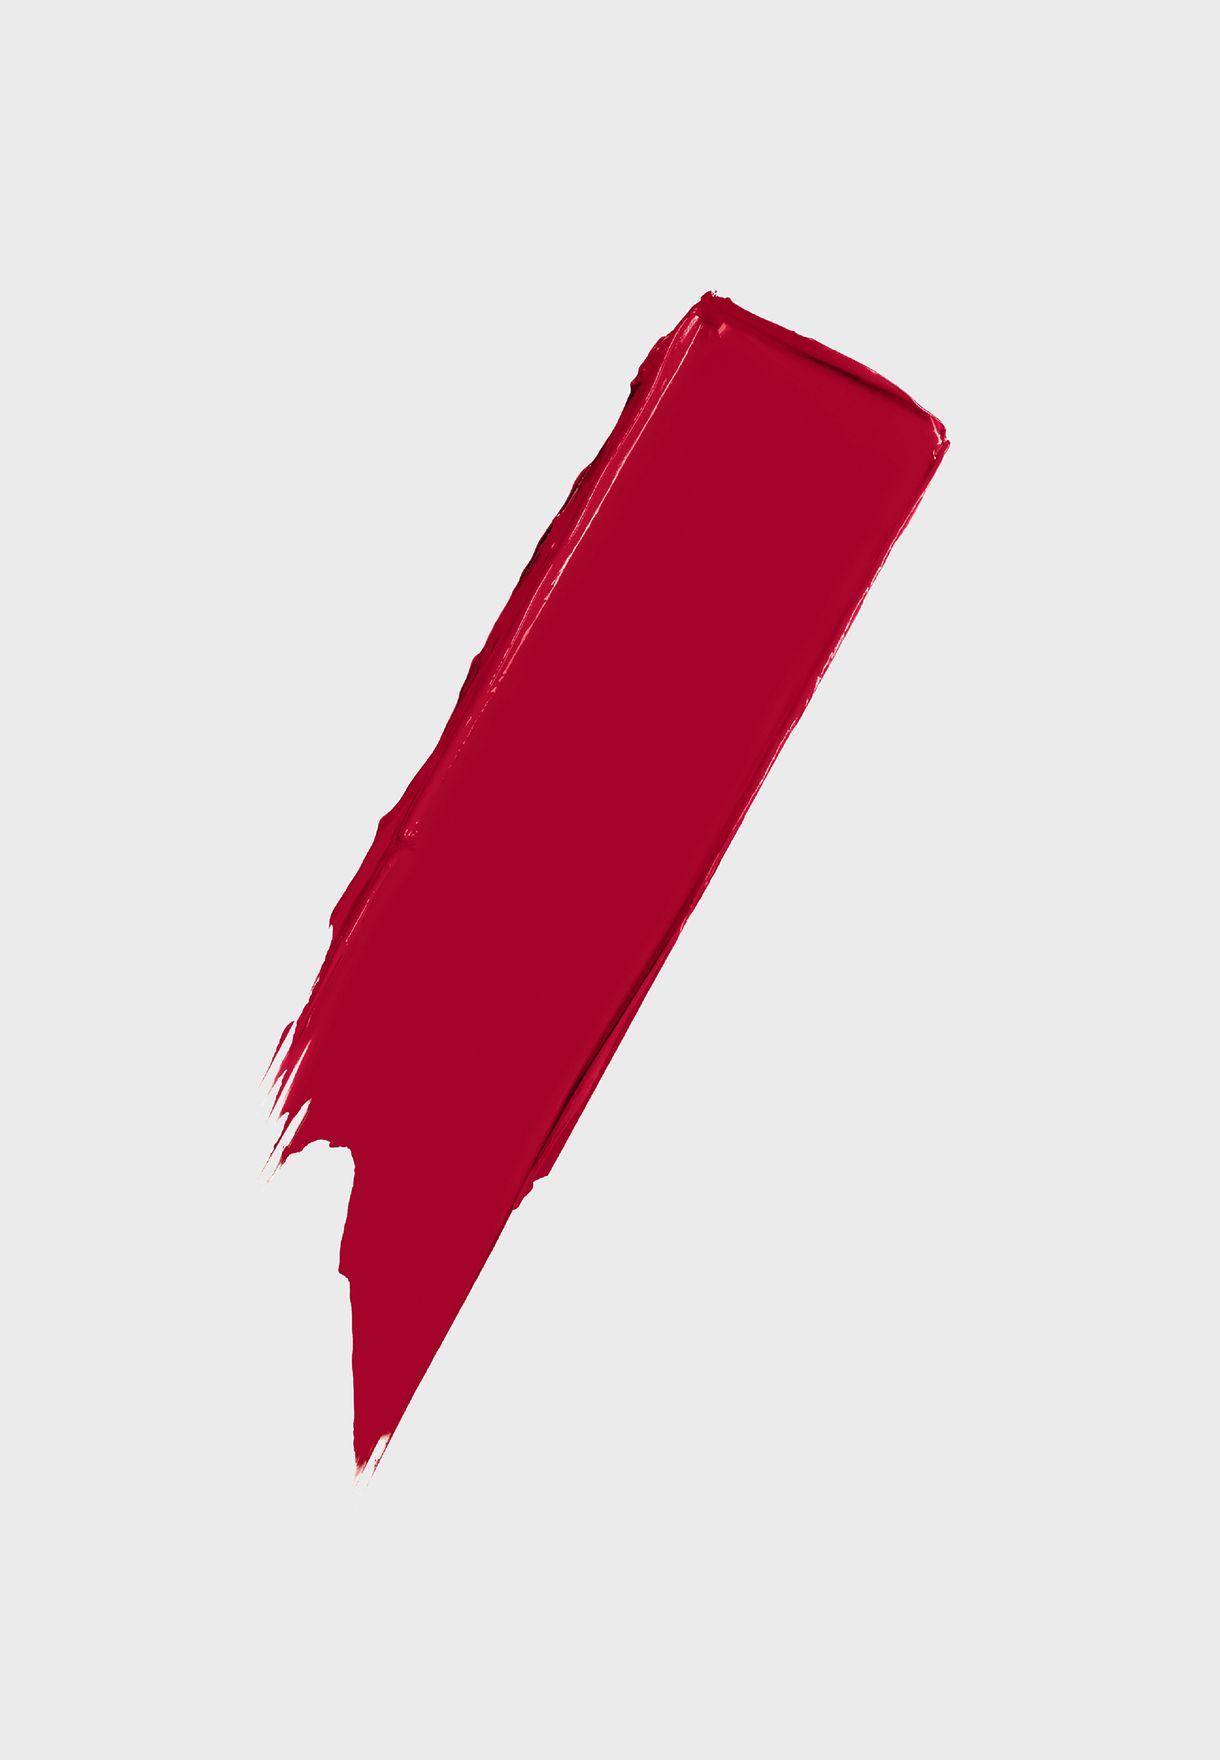 احمر شفاه ارتيست روج 408 - فيجينري راب